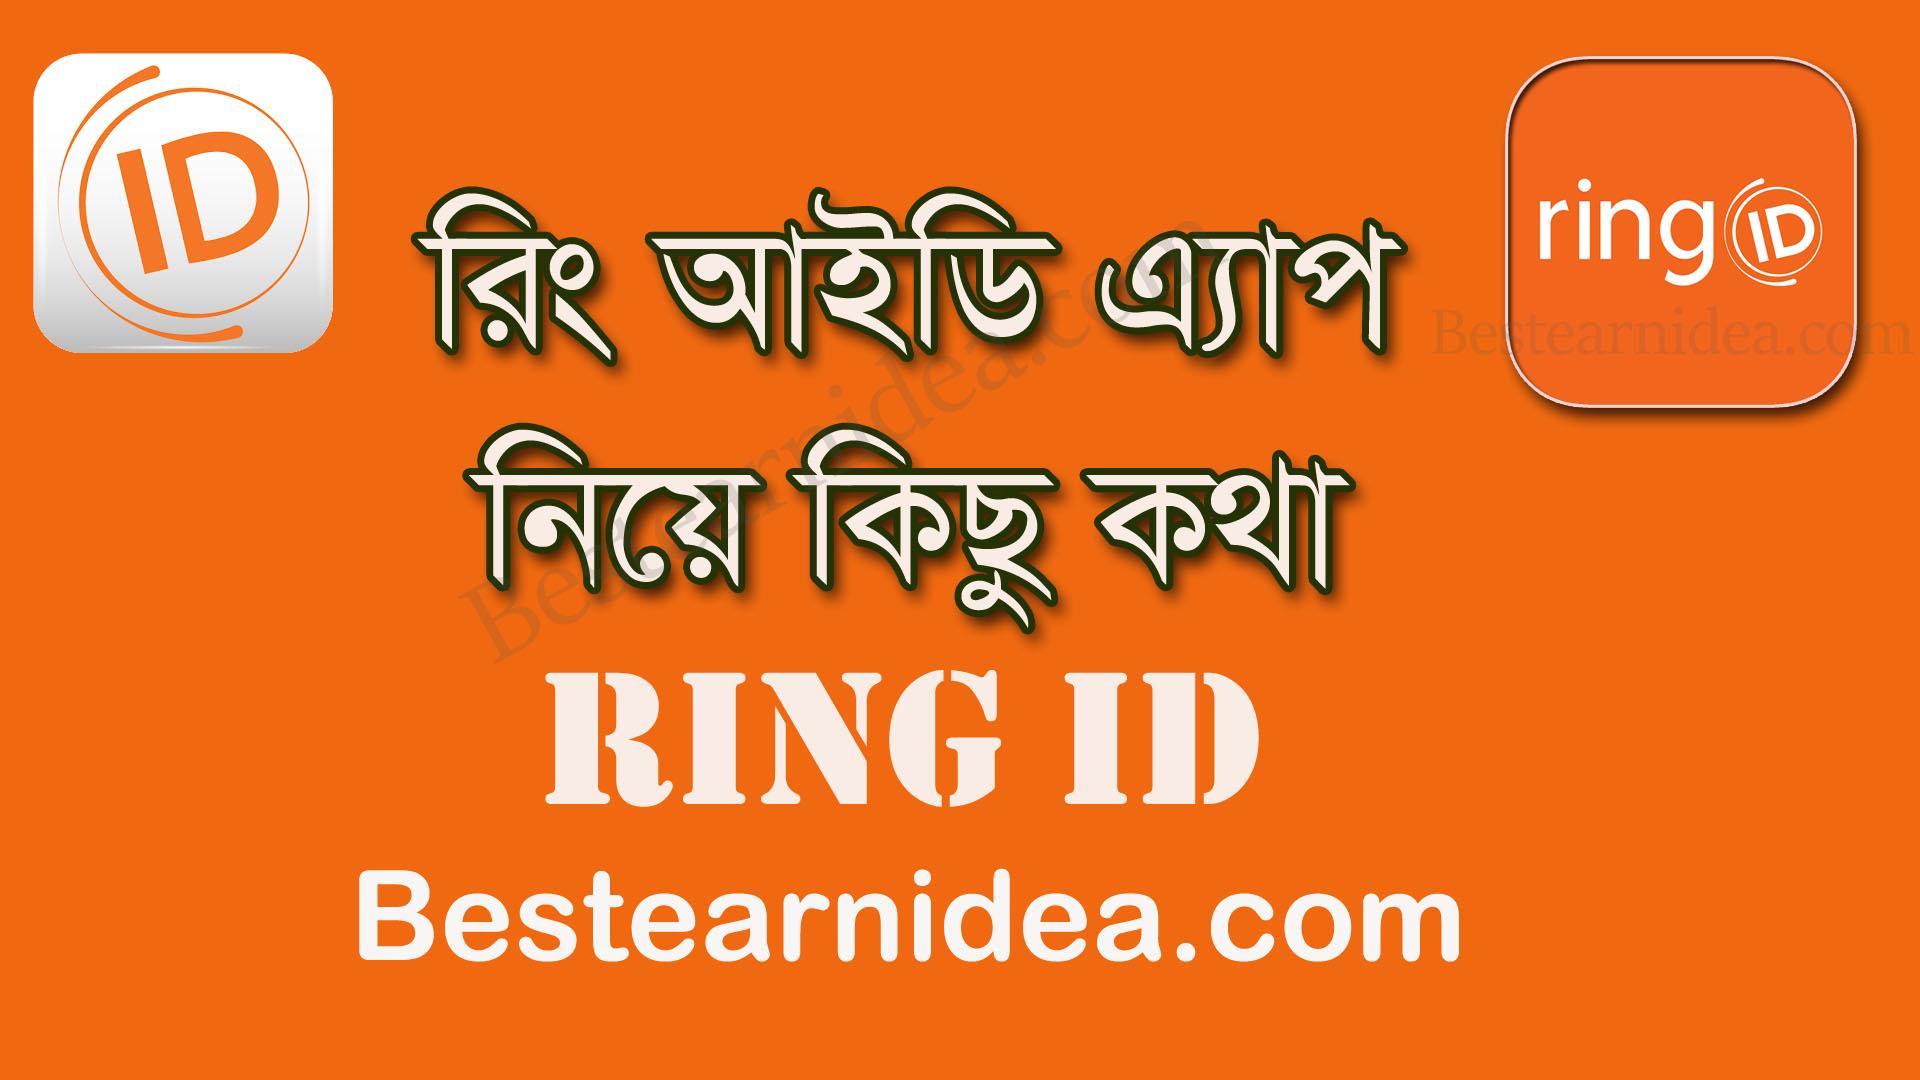 রিং আইডি (Ring ID) এ্যাপ নিয়ে কিছু কথা।